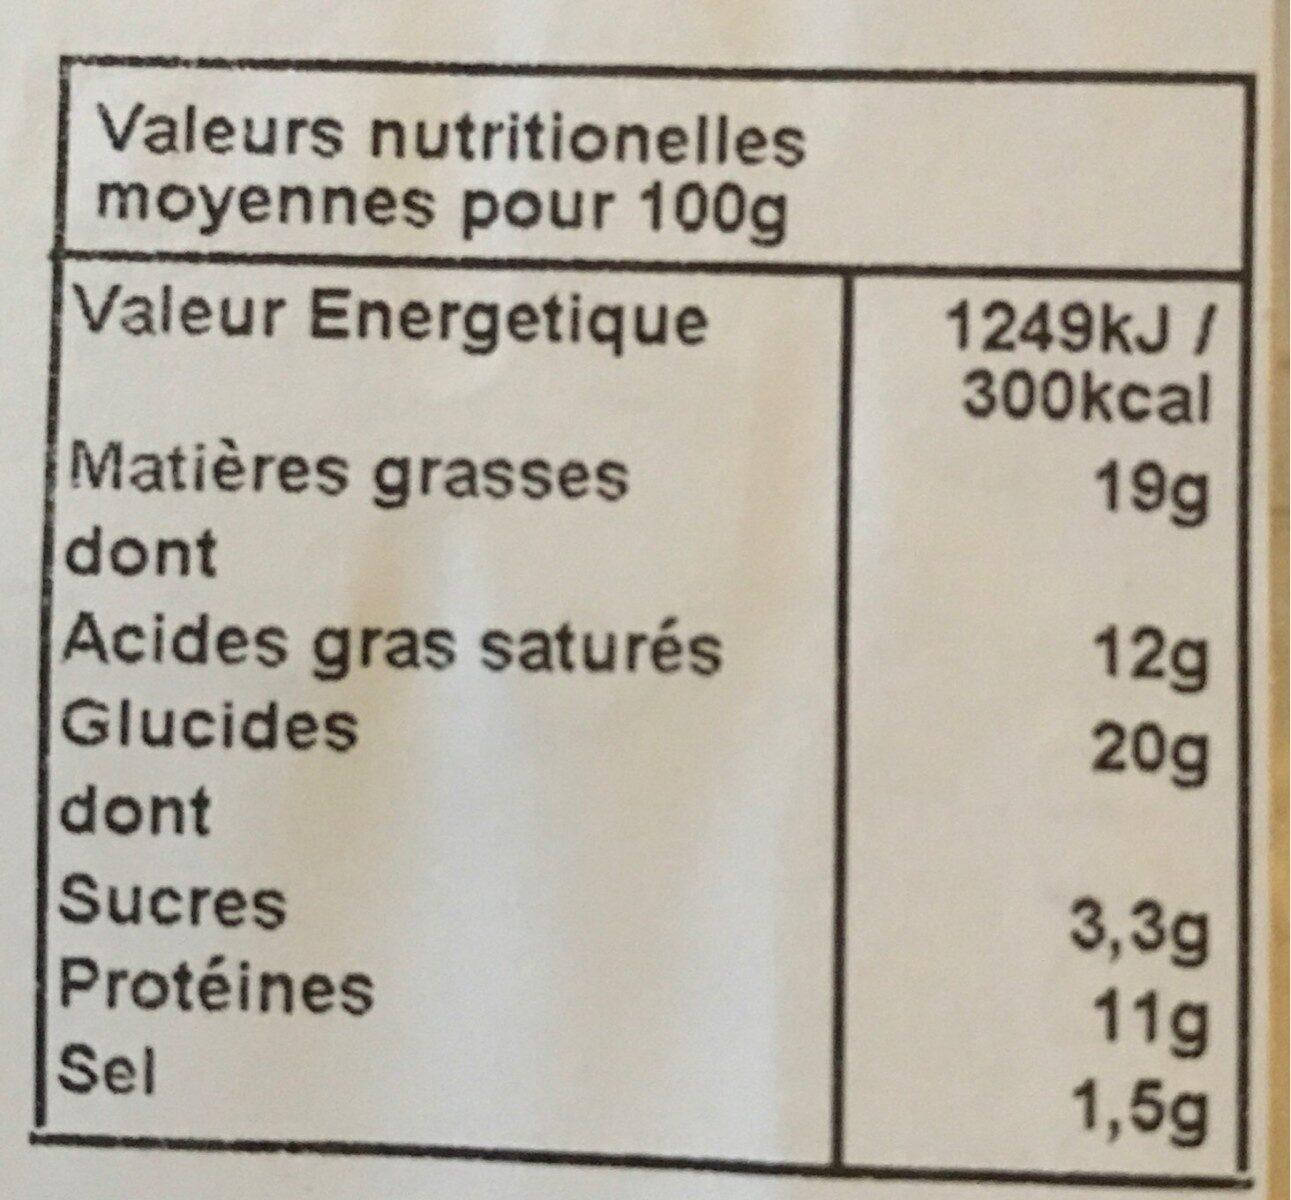 Les Petites Tartes Quiches Lorraines - Nutrition facts - fr